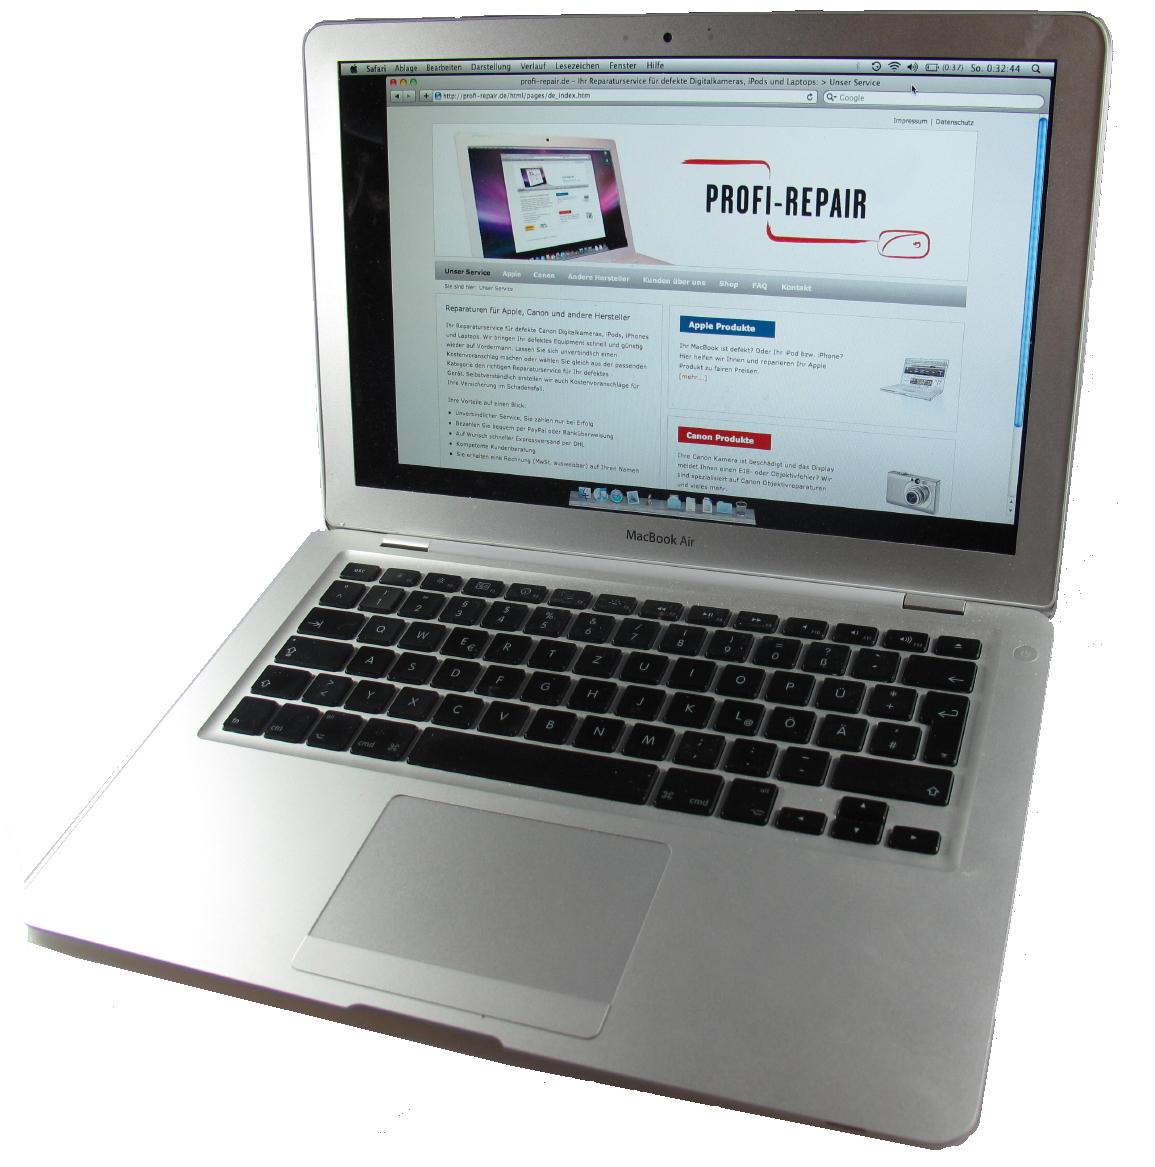 macbook display reparatur late macbook display reparatur. Black Bedroom Furniture Sets. Home Design Ideas